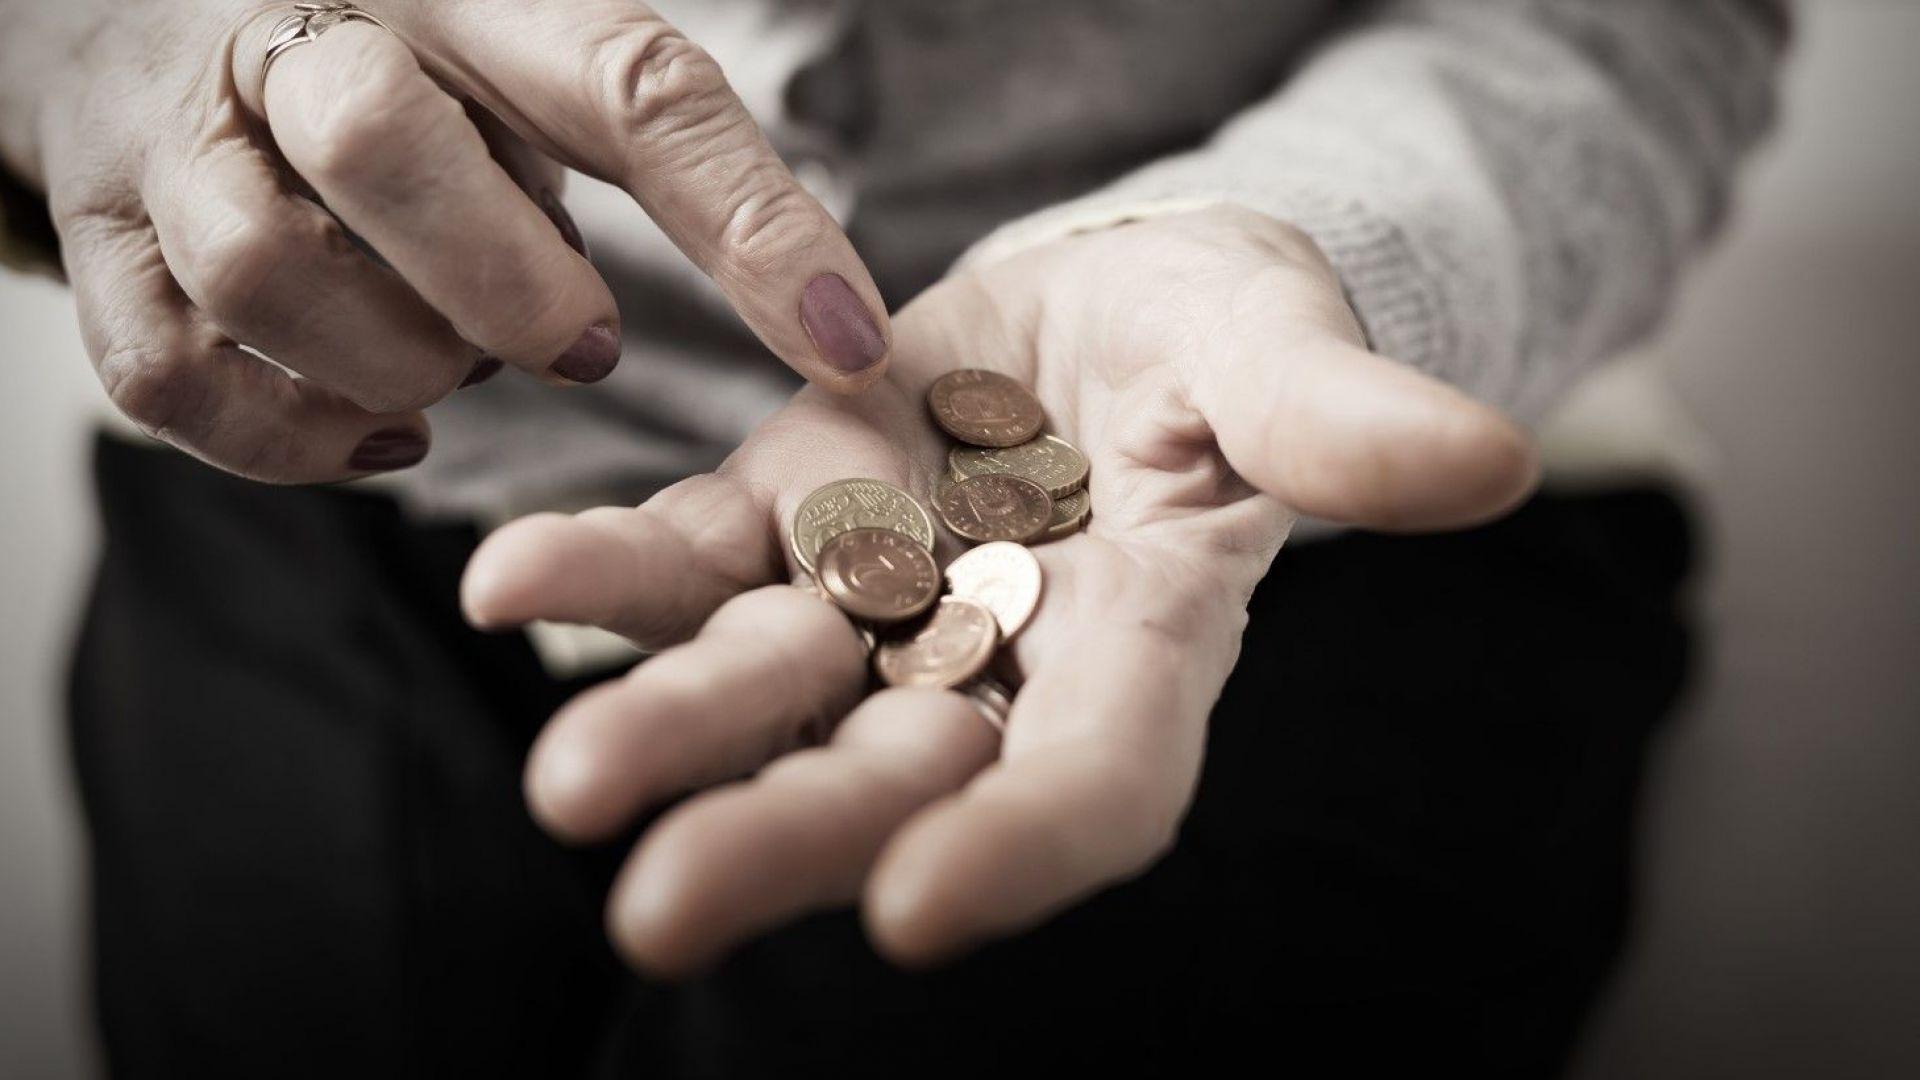 Новата пенсионна формула ощетява 37% от осигурените